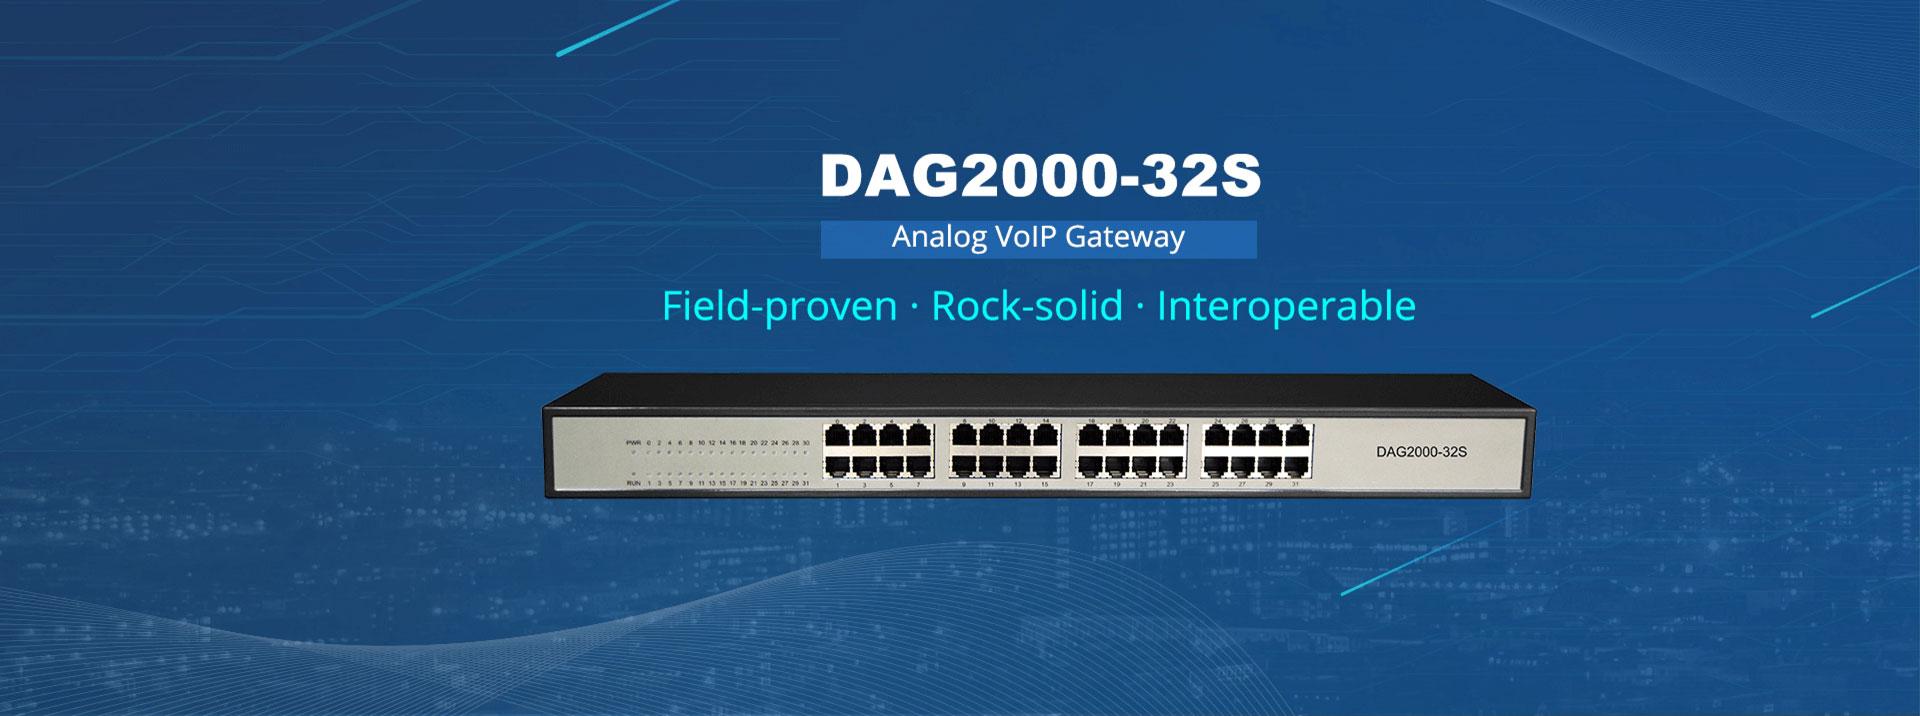 DAG2000-32s